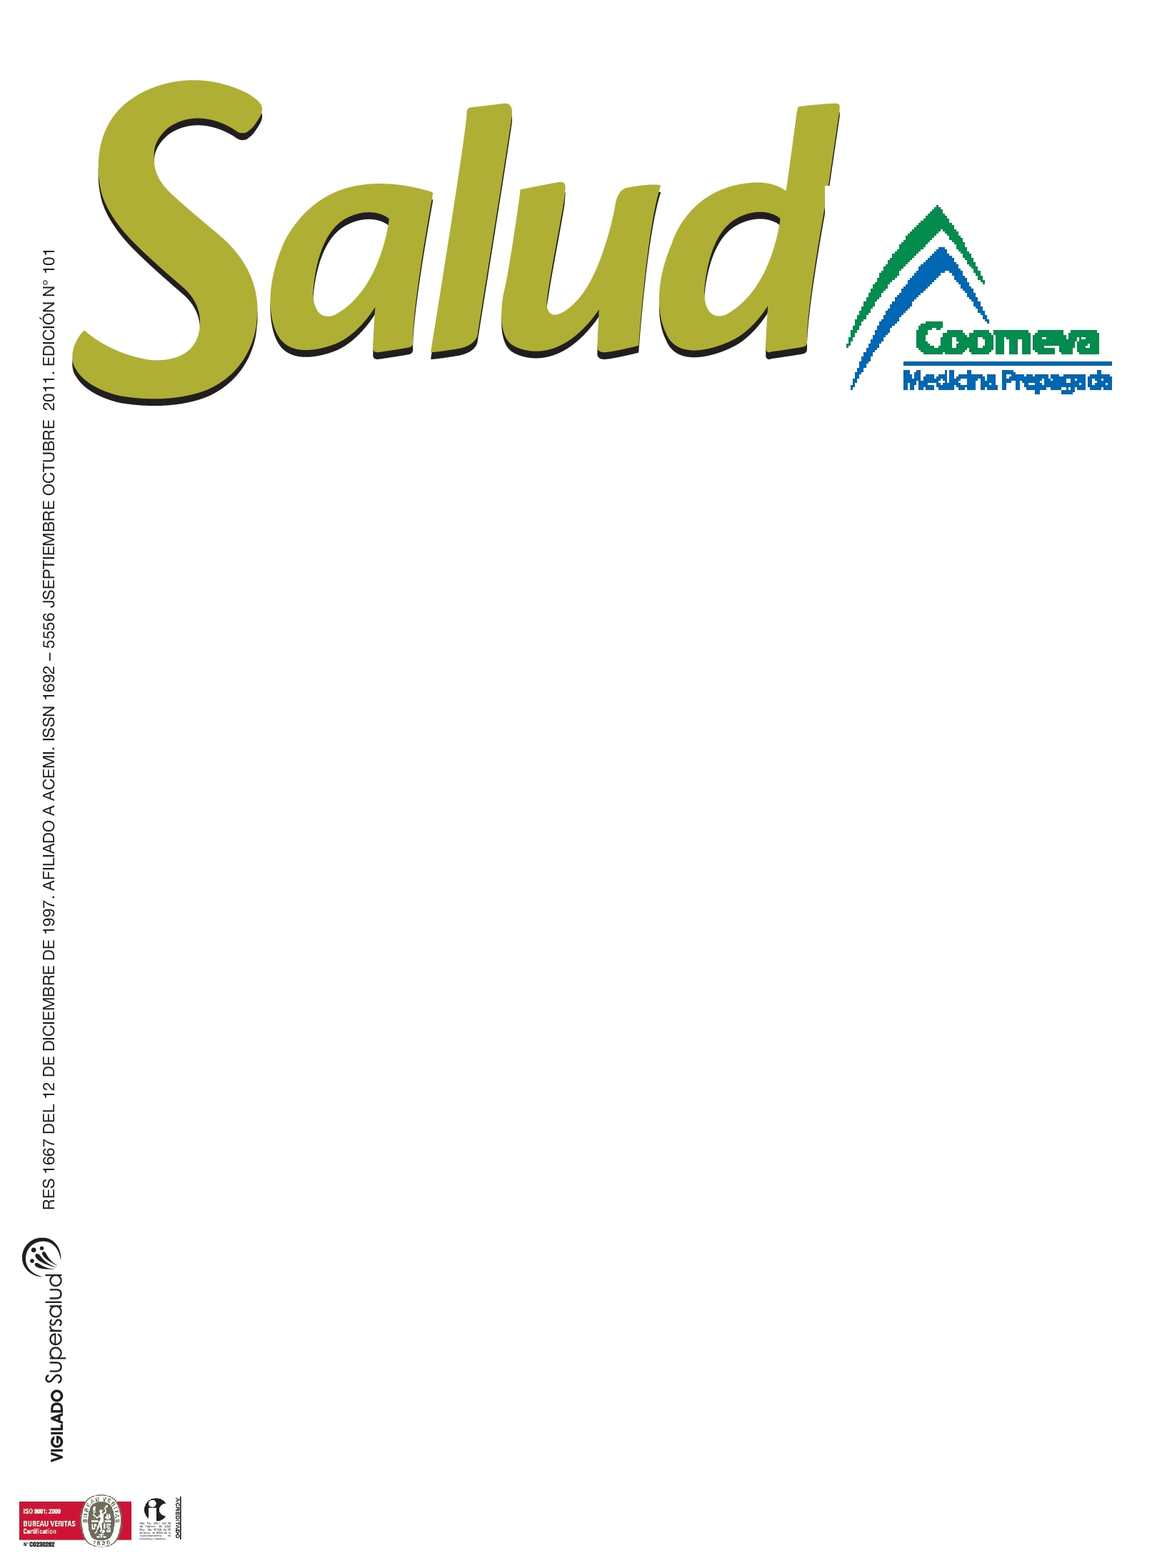 Coomeva Calaméo Revista Salud Calaméo Salud Calaméo Revista Coomeva 101 101 zUVpMqS